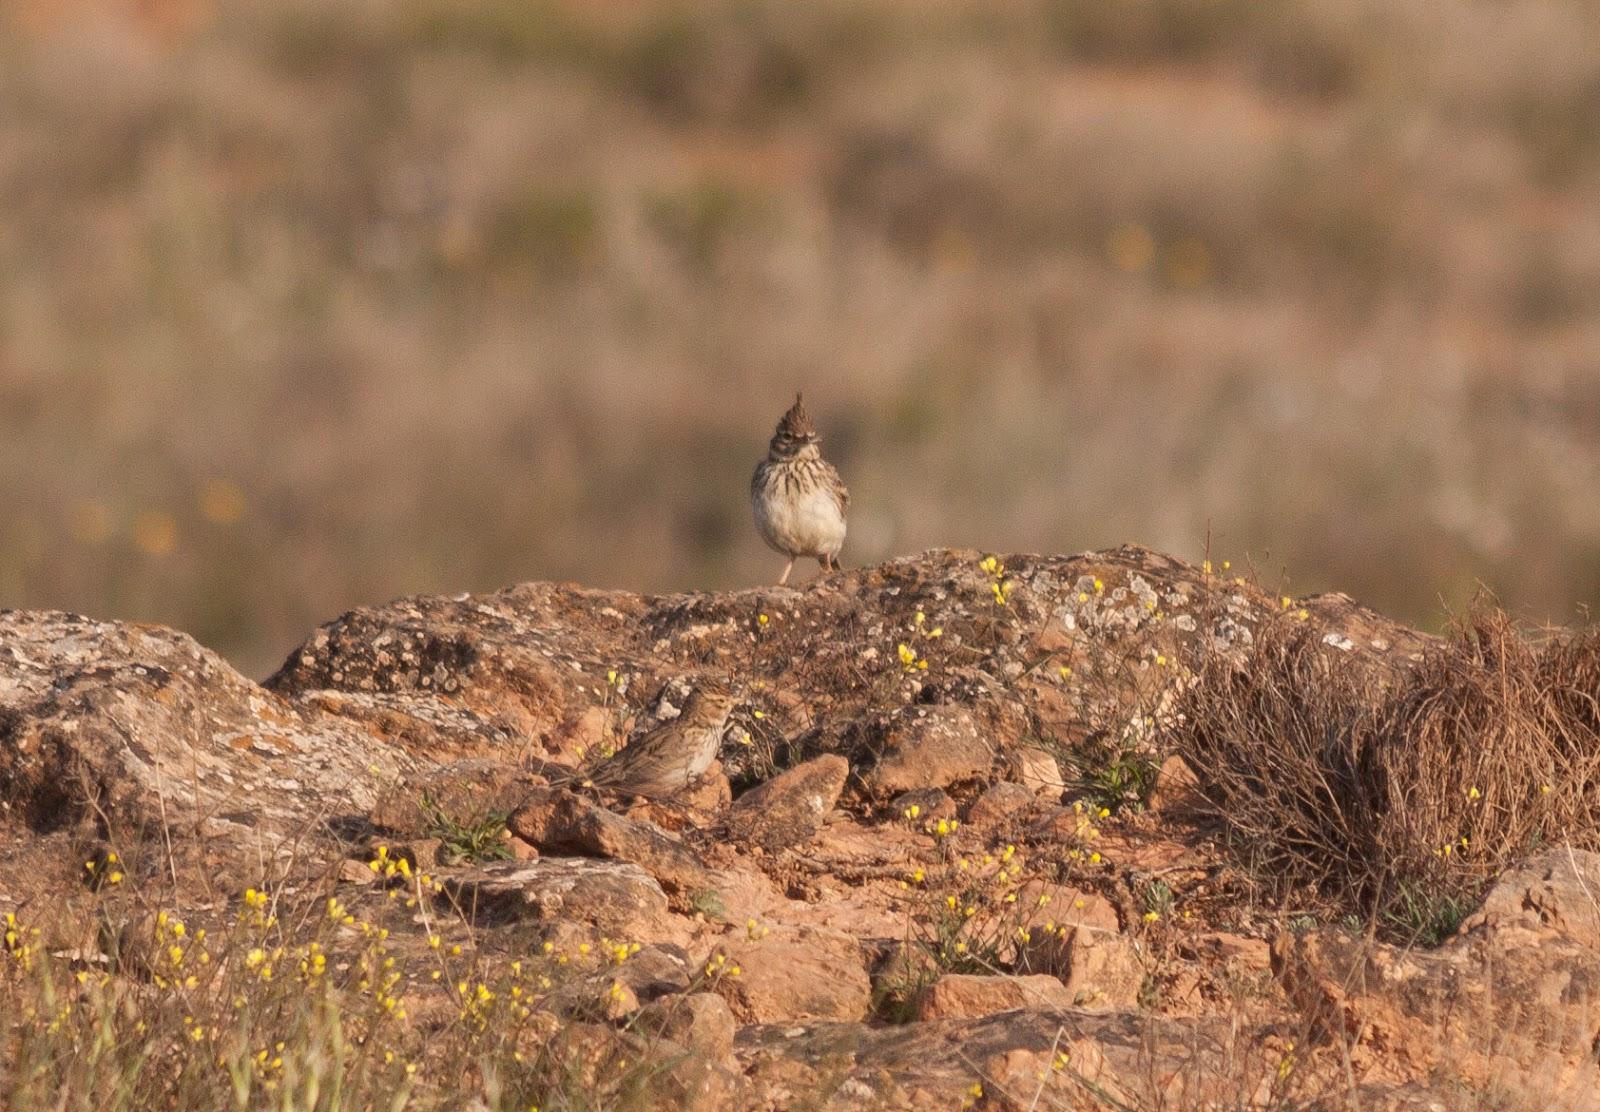 Thekla and Lesser Short-toed Lark - Spain